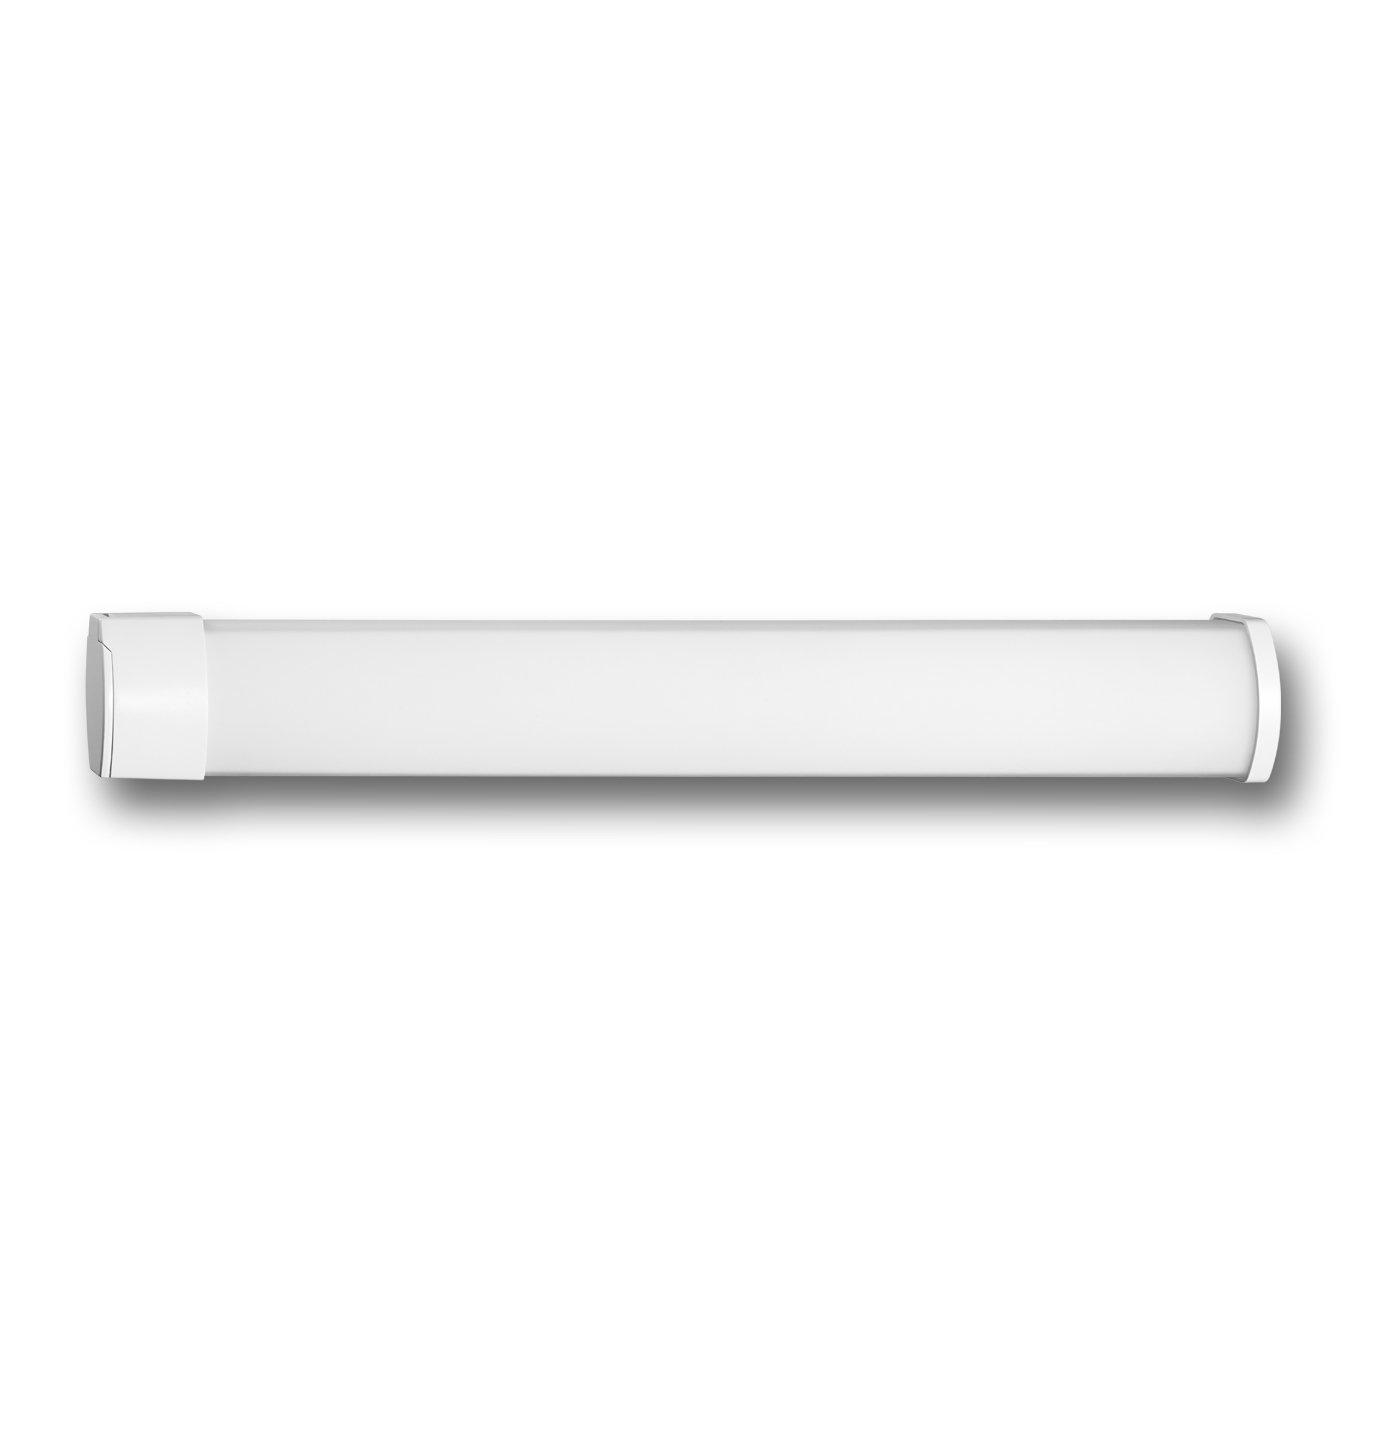 steinel sensor-innenleuchte brs 82 l, wc und badezimmerleuchte mit ... - Badezimmerleuchten Mit Steckdose